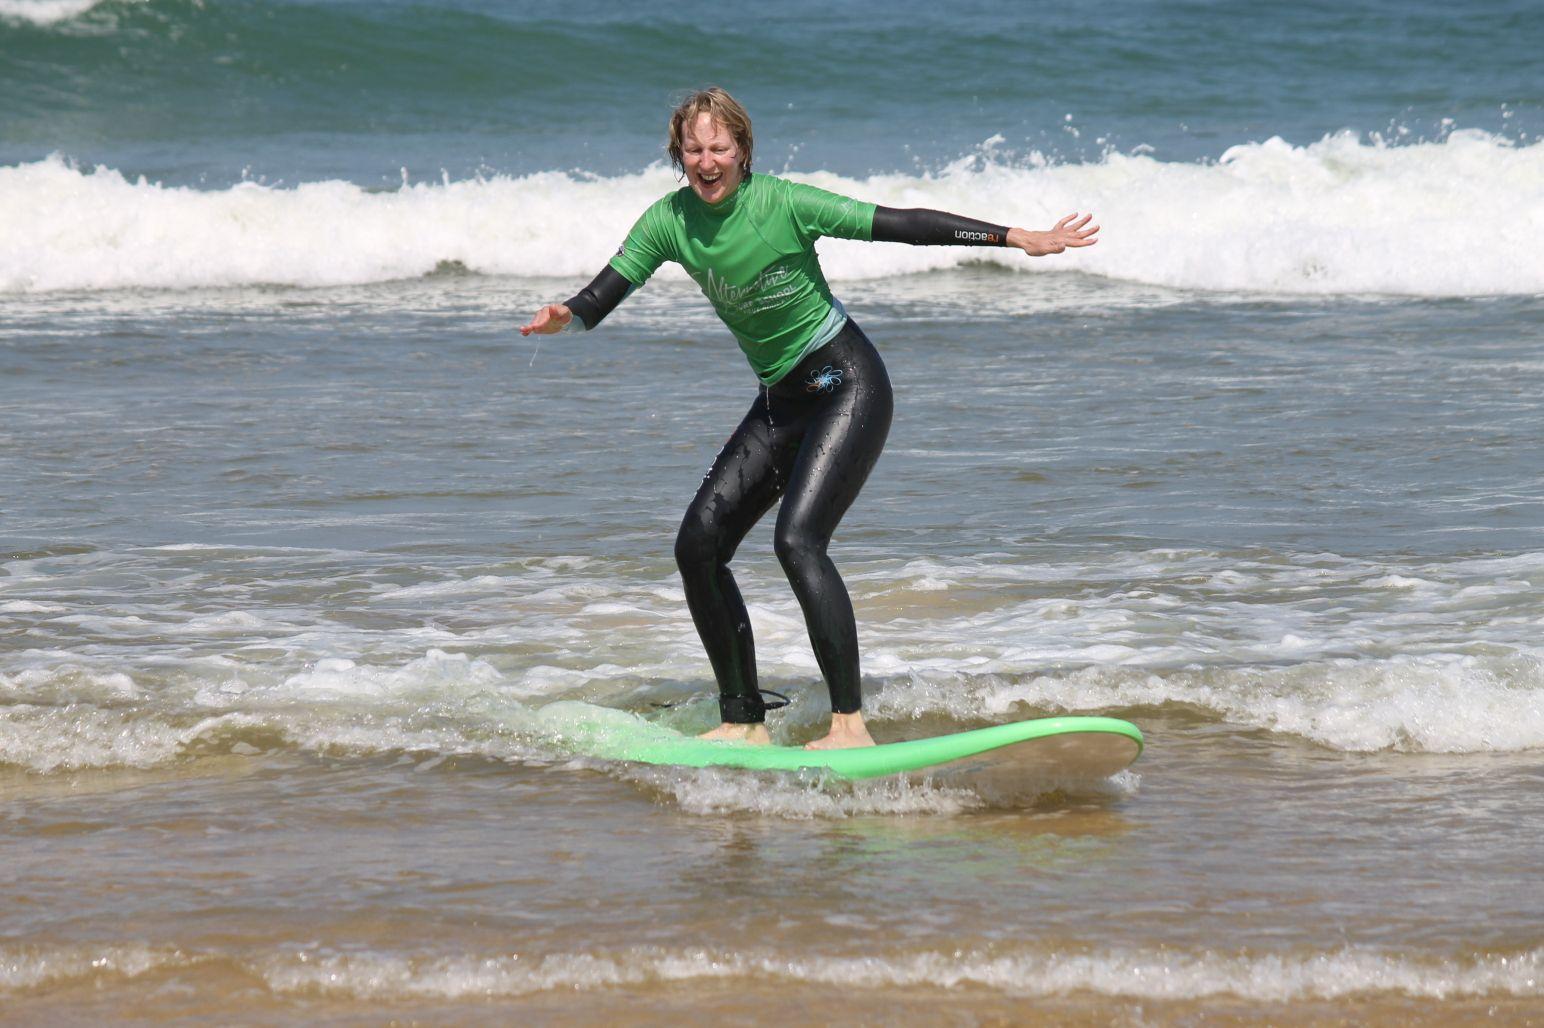 Surferqueen4